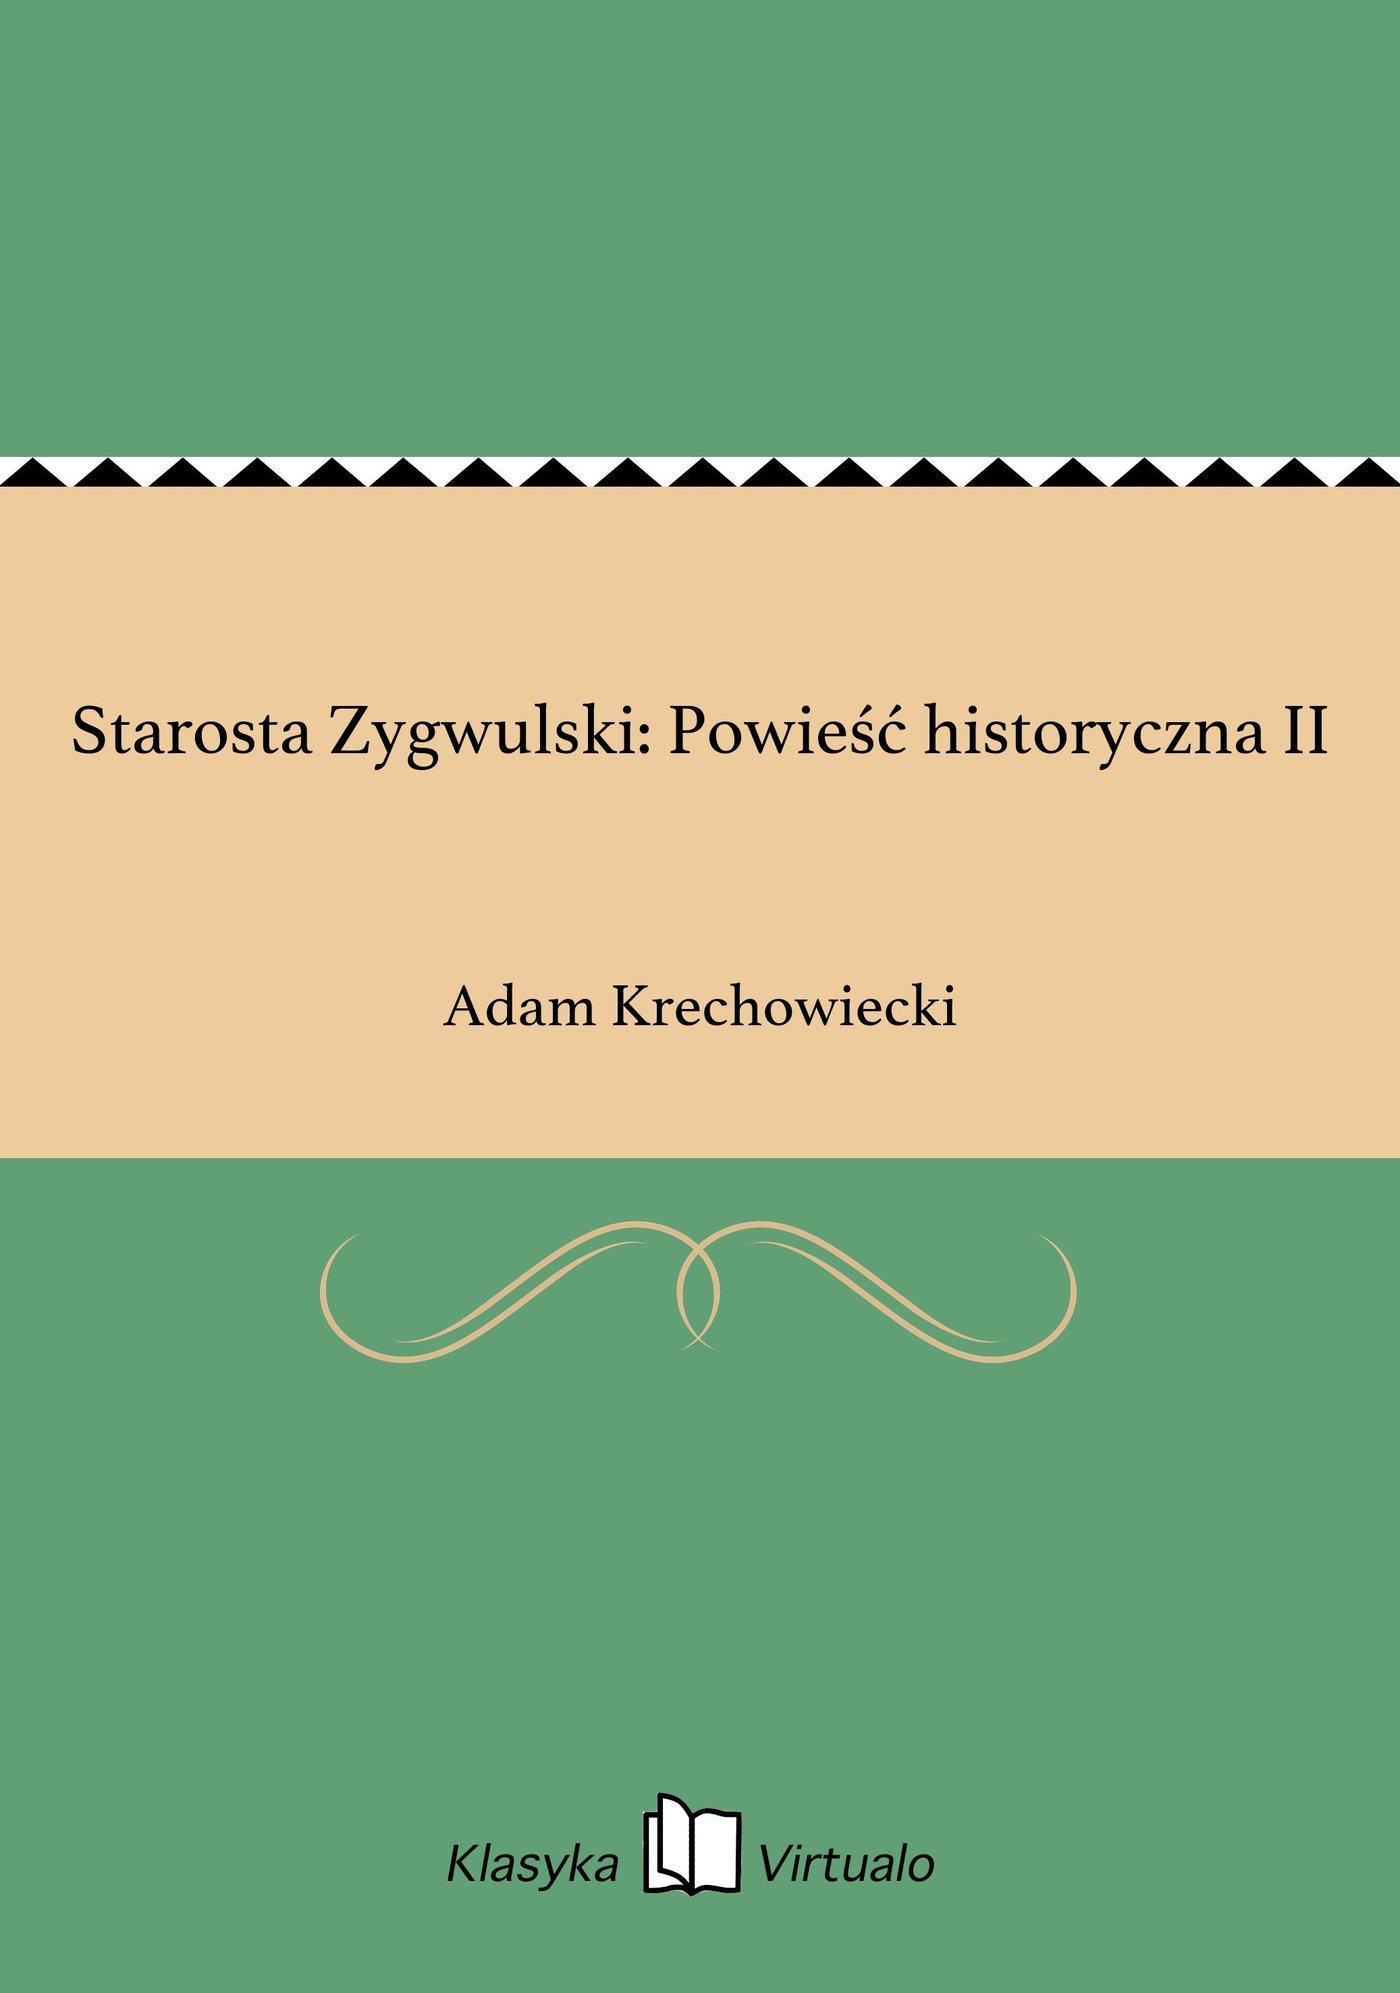 Starosta Zygwulski: Powieść historyczna II - Ebook (Książka EPUB) do pobrania w formacie EPUB